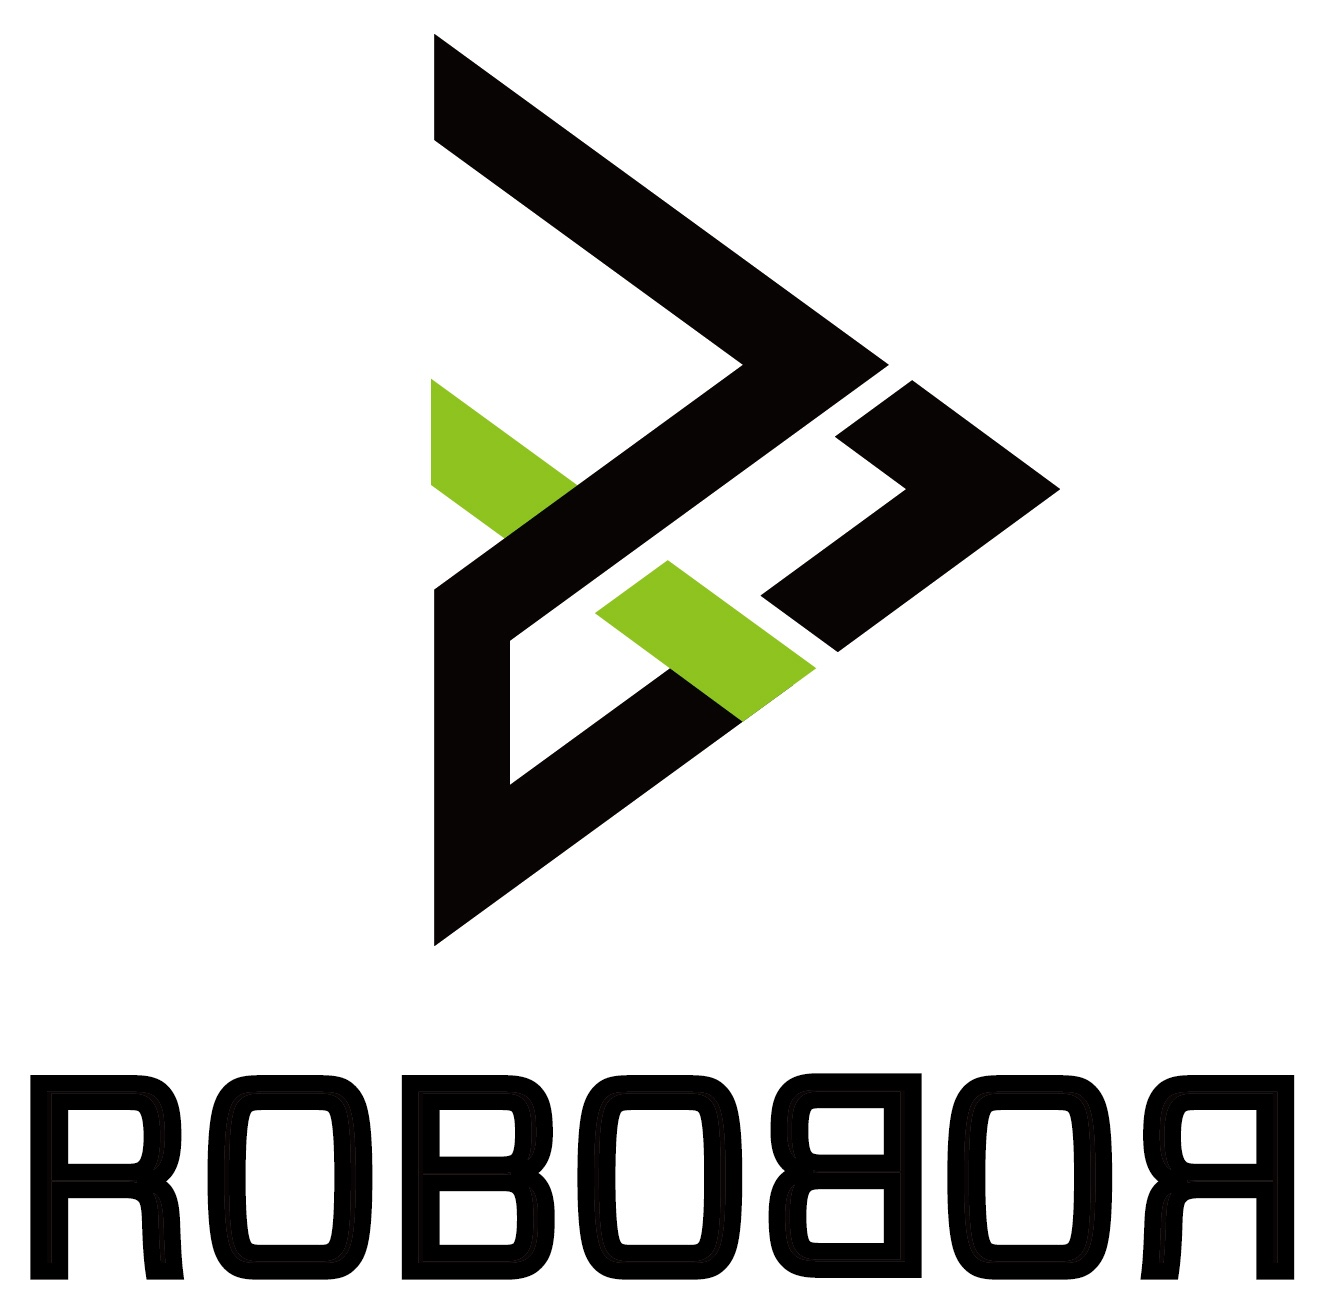 江苏若博机器人科技有限公司是专业从事机器人研发与产业化的高新技术企业。若博拥有着国际顶尖的机器人技术,并拥有完全自主的知识产权,公司下设工业机器人、医疗机器人、服务机器人、教育机器人等事业部。若博机器人自主开发的教育机器人在国际专家级机器人竞赛中多次获得冠军,曾经接待过新加坡总理、联合国总干事以及18个国家教育部的部长。